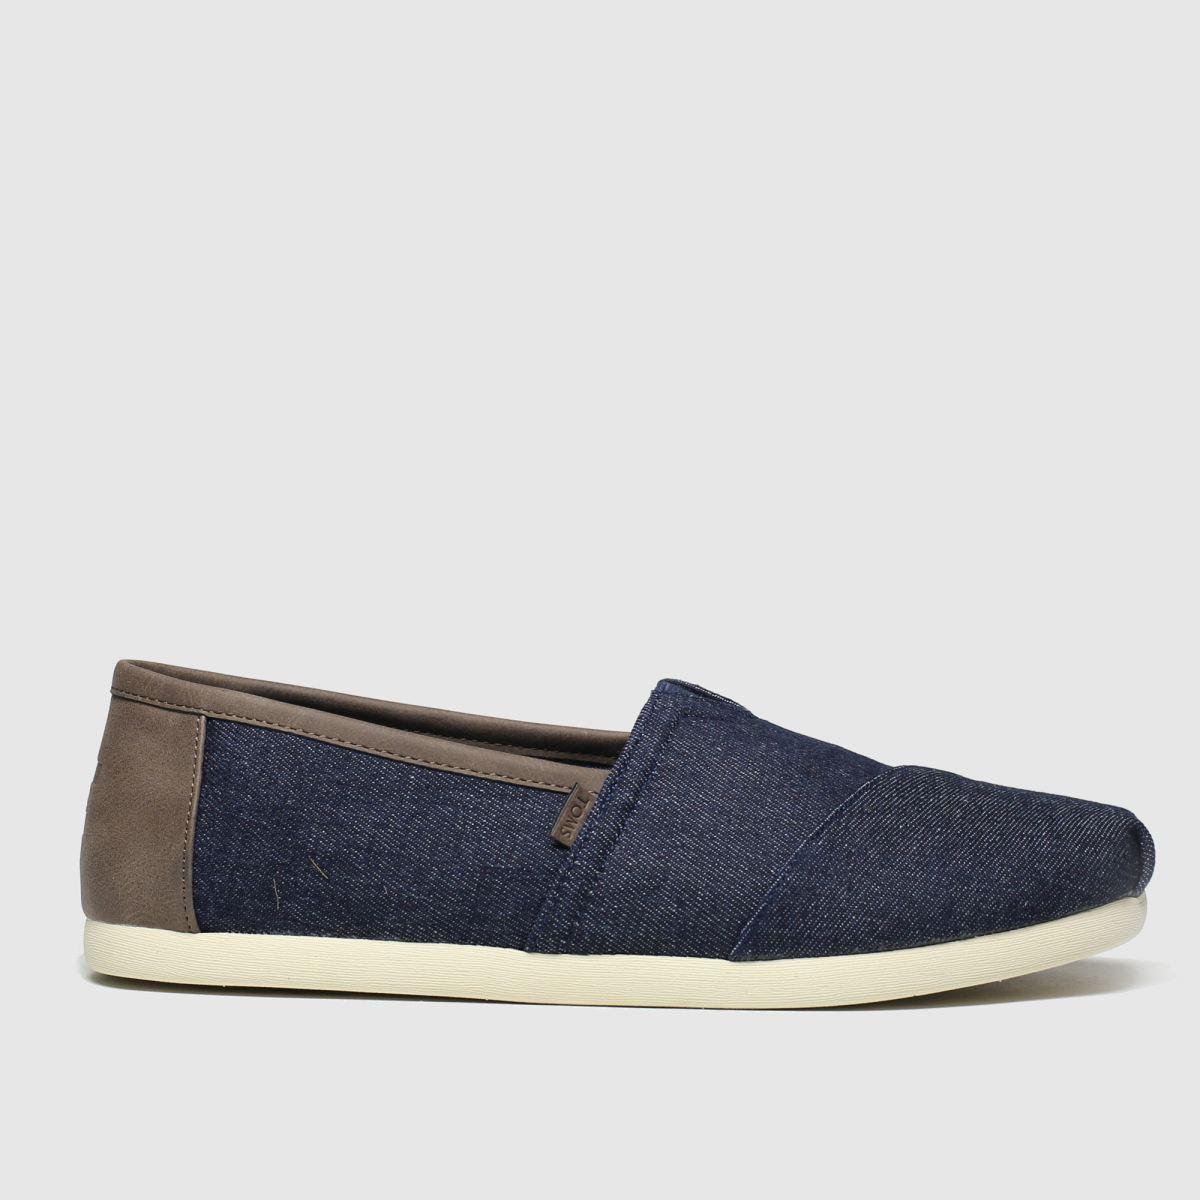 Toms Navy & Stone Alpargata Trim Shoes